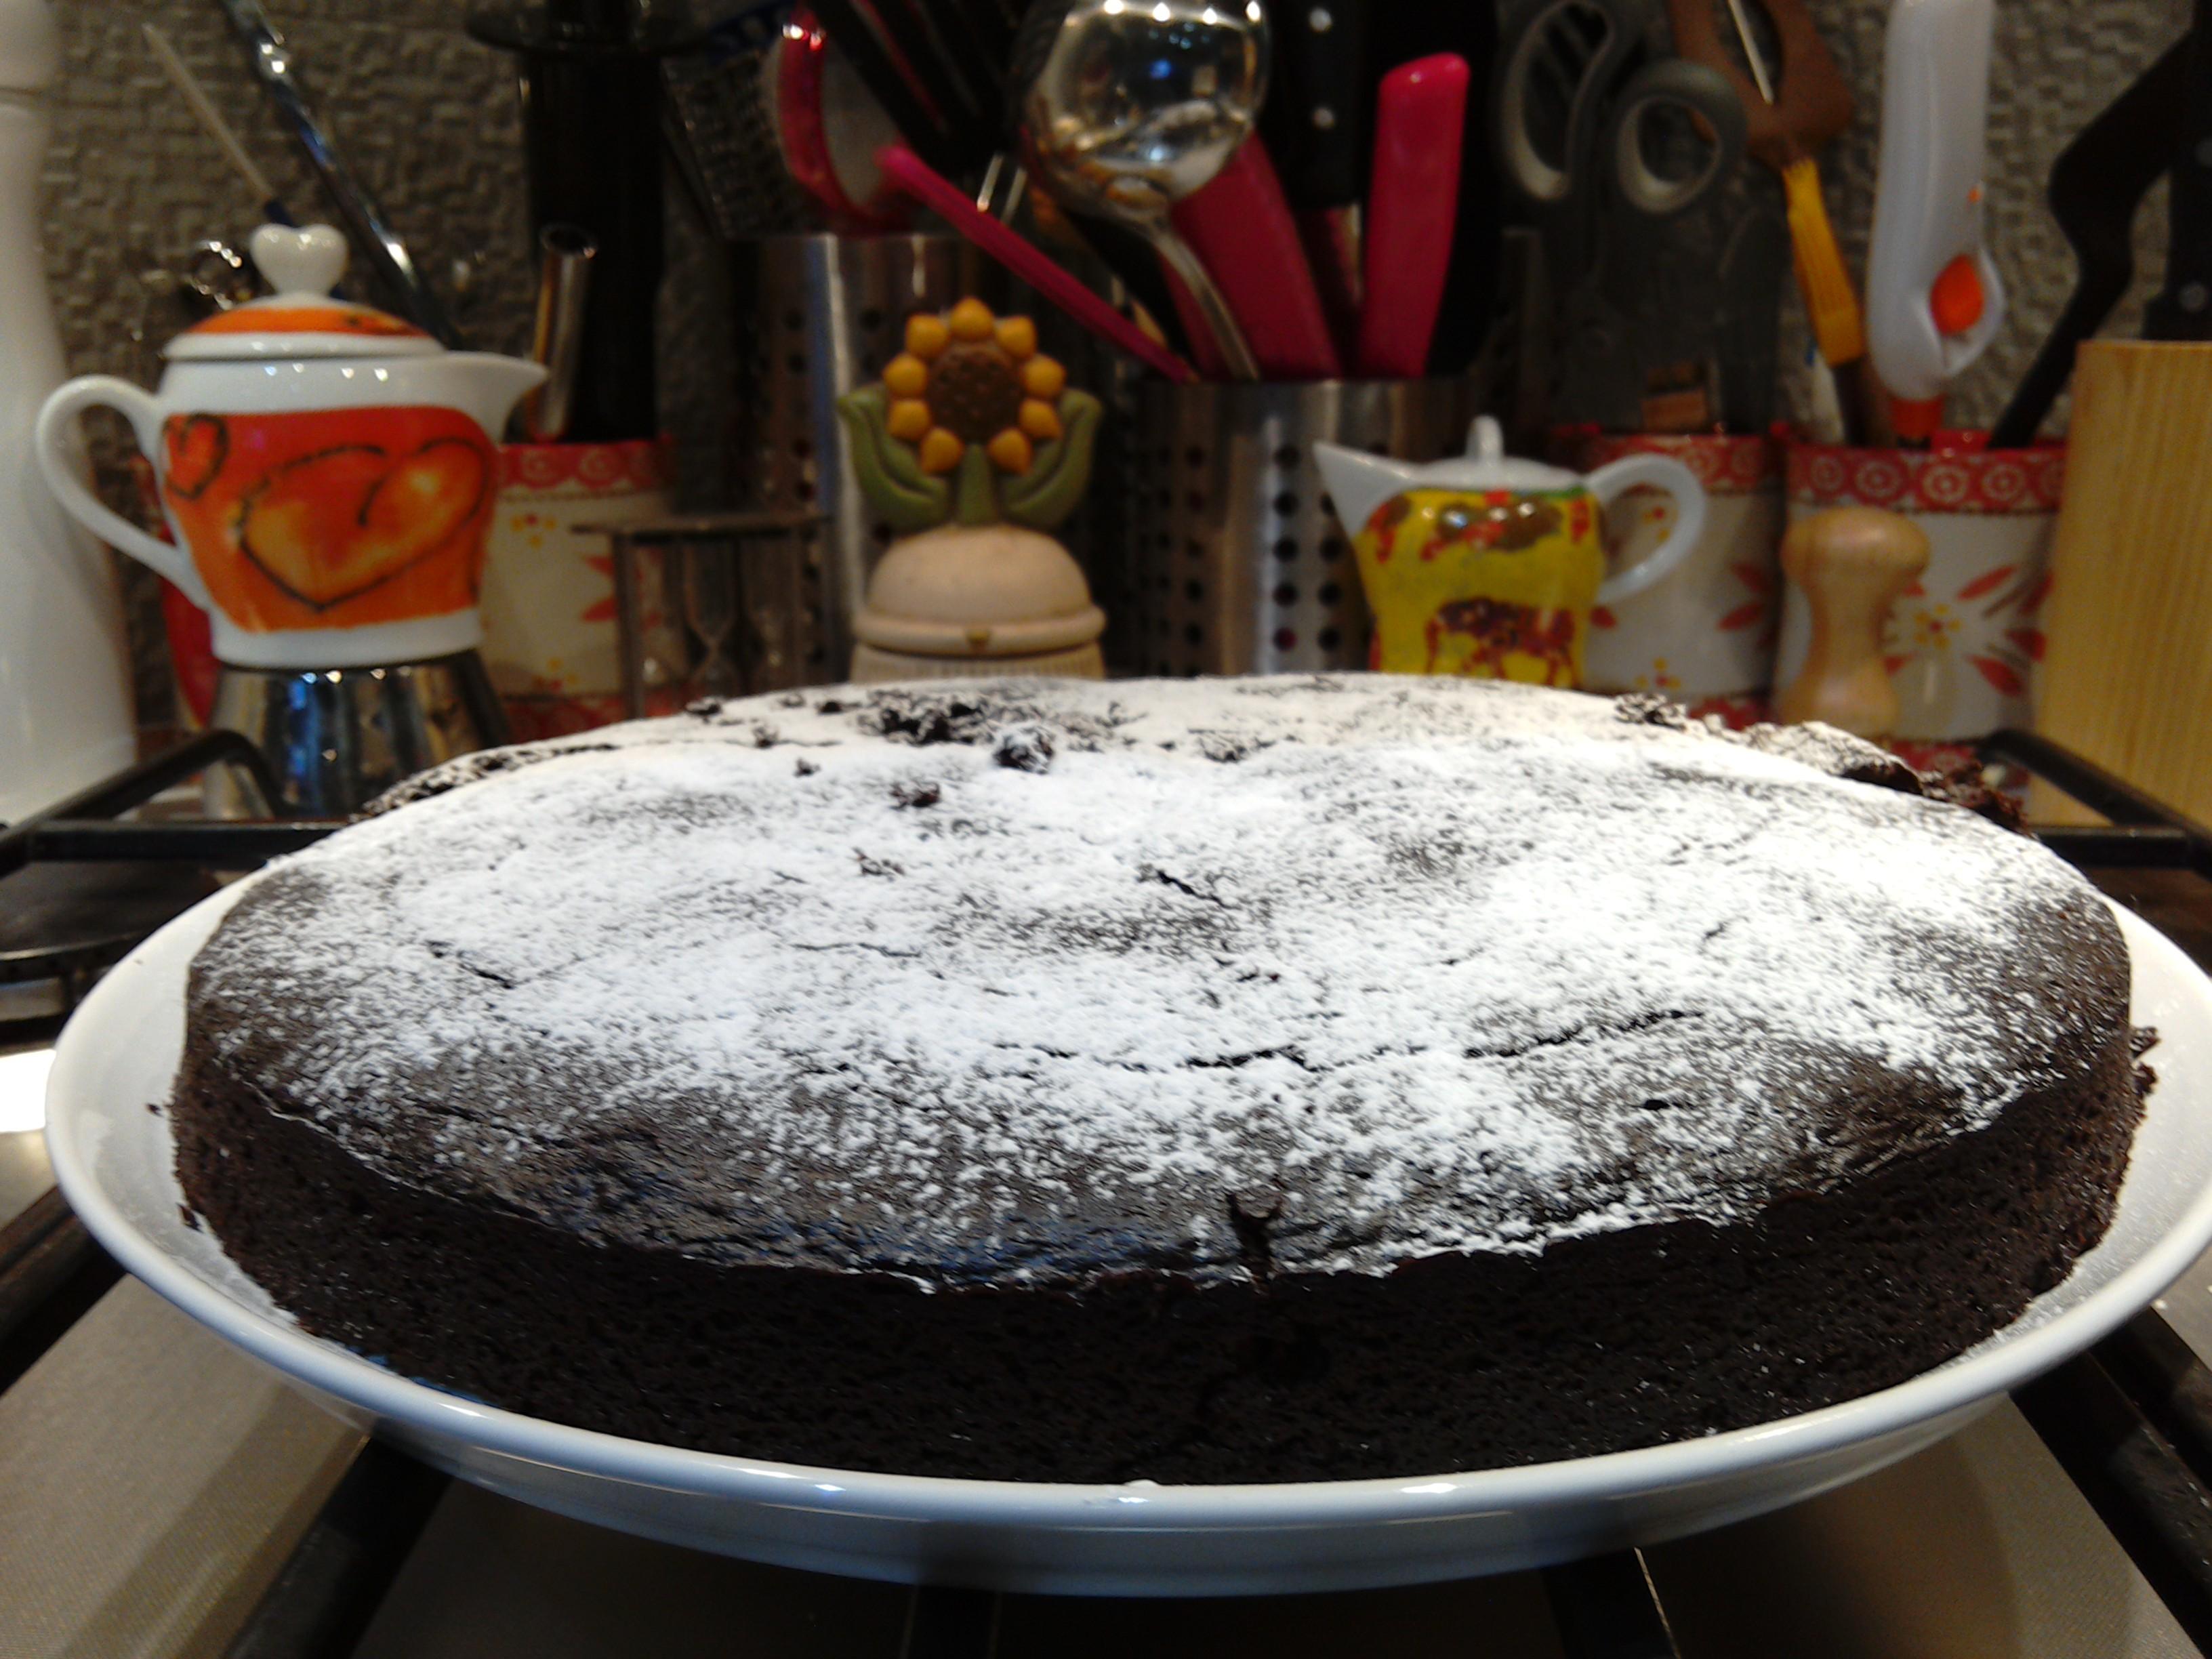 Crazy cake (torta matta) al cioccolato senza uova, latte e lievito